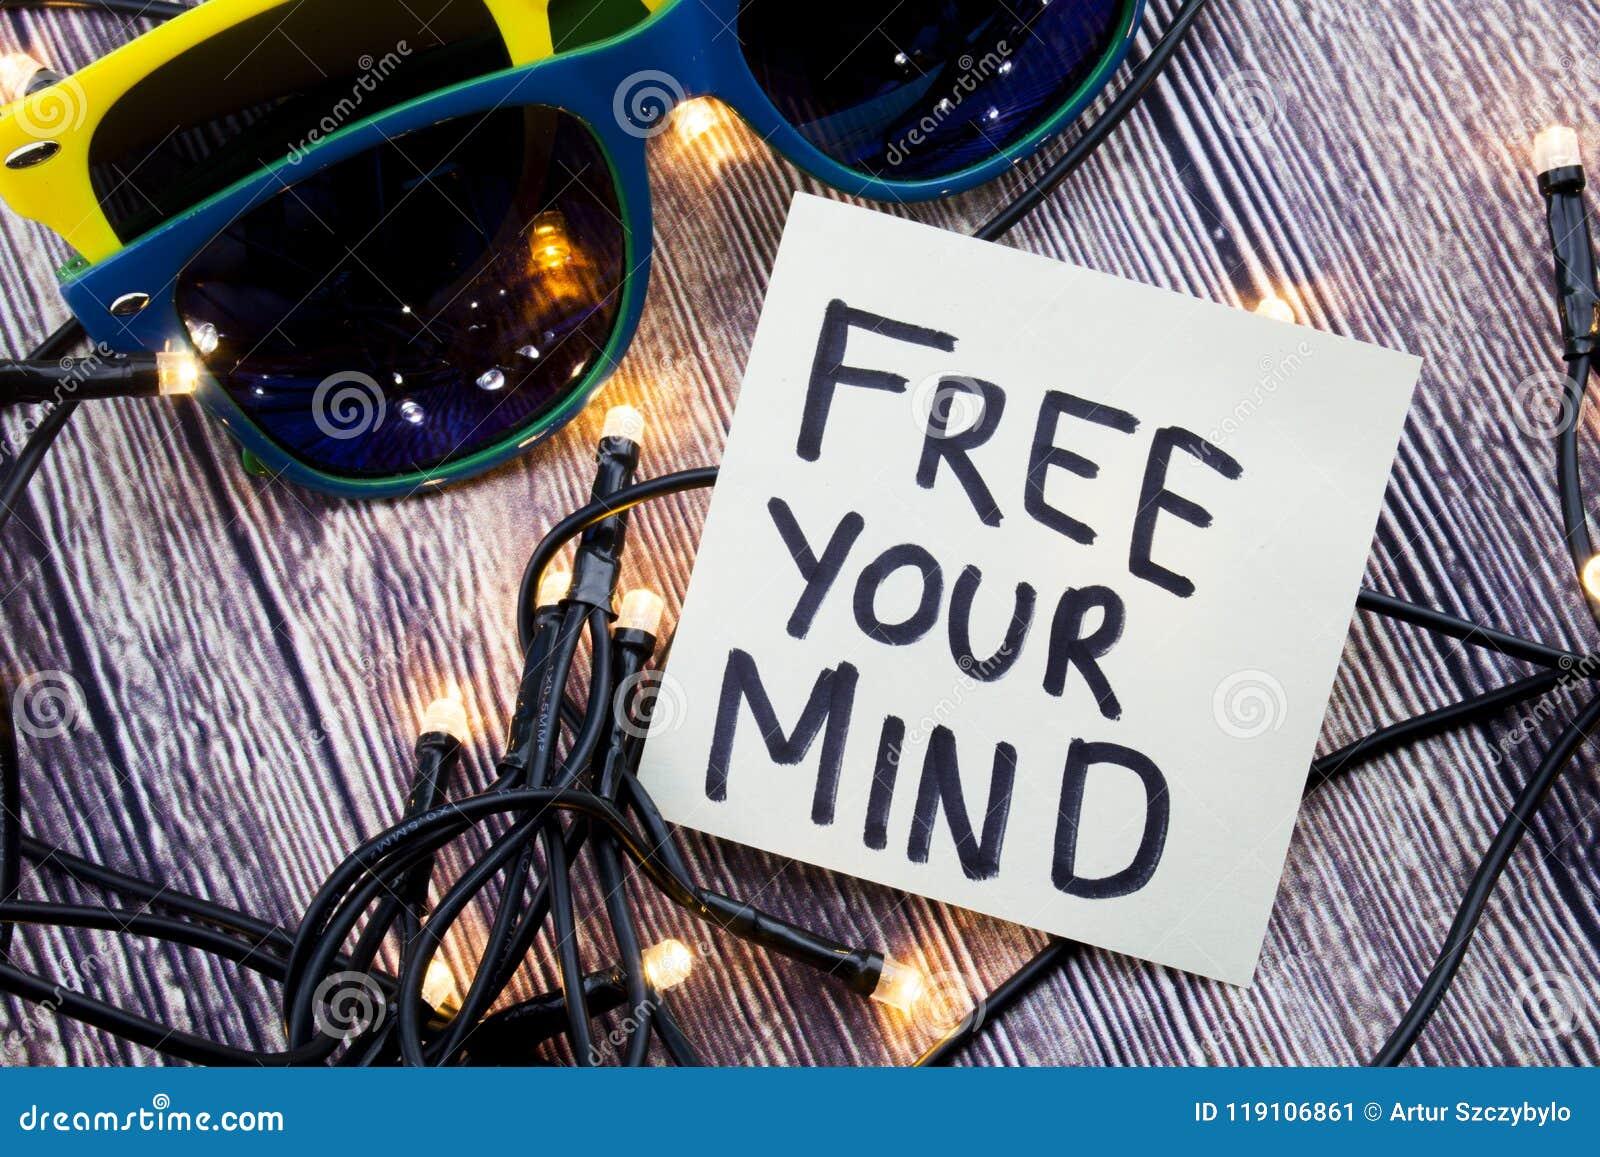 Livre sua mente um conceito do incentivo em um papel de nota Algumas luzes são mostradas na ordem discreta Dois óculos de sol da